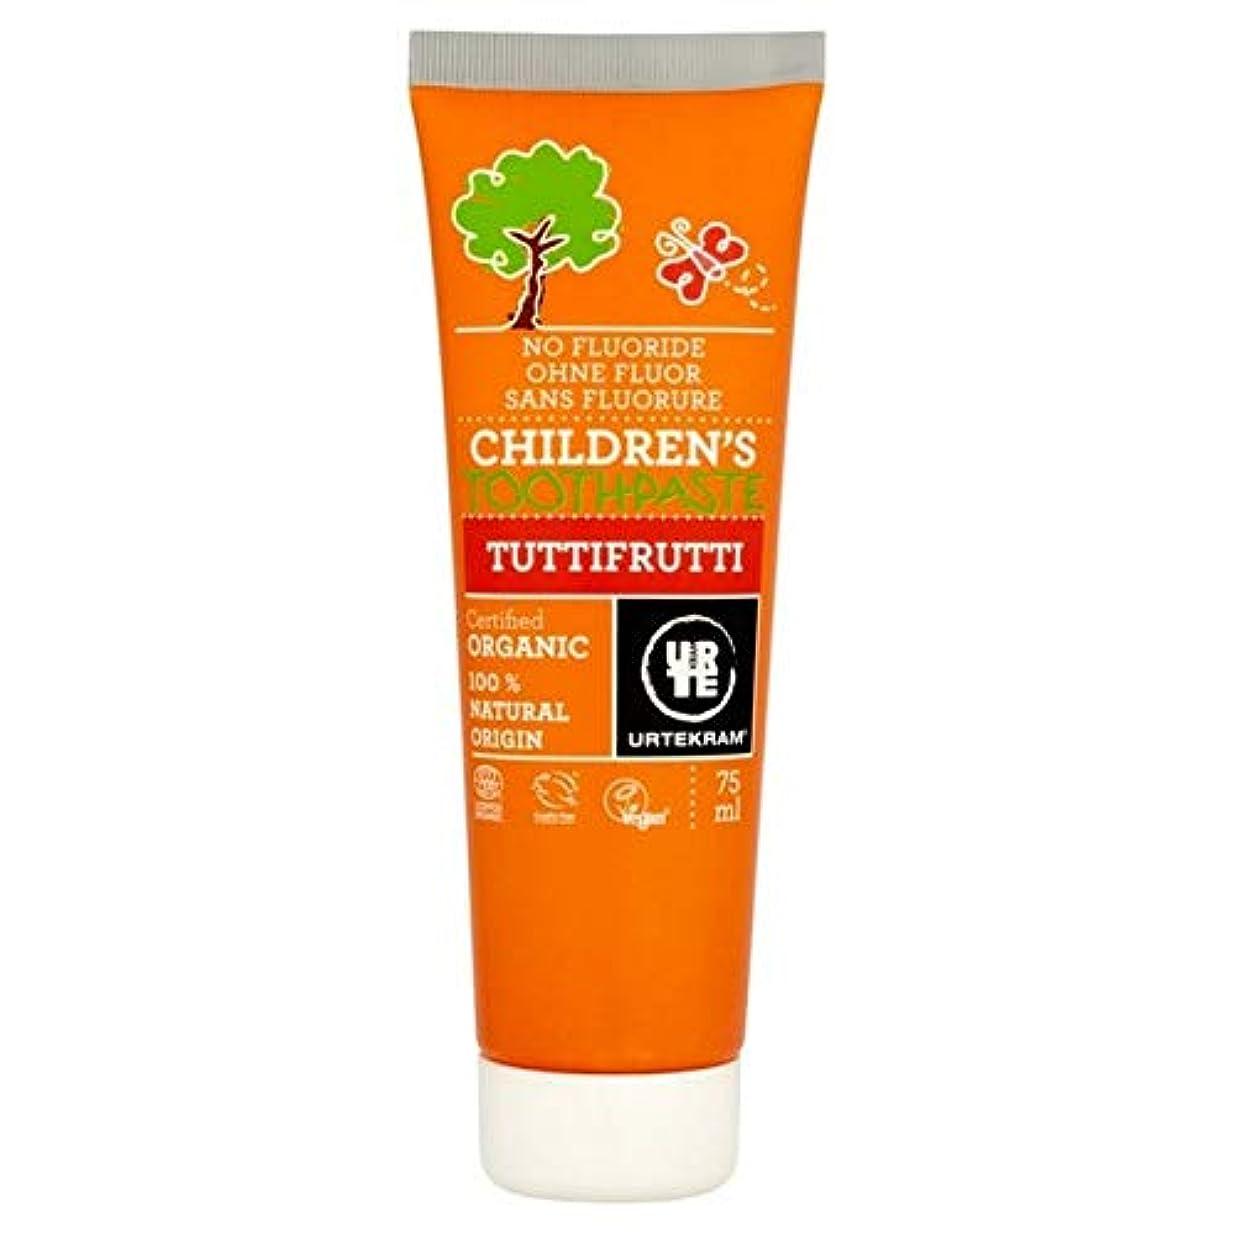 感じ副産物バッチ[Urtekram] Urtekram子供のトゥッティフルッティの歯磨き粉75ミリリットル - Urtekram Children's Tutti Frutti Toothpaste 75ml [並行輸入品]